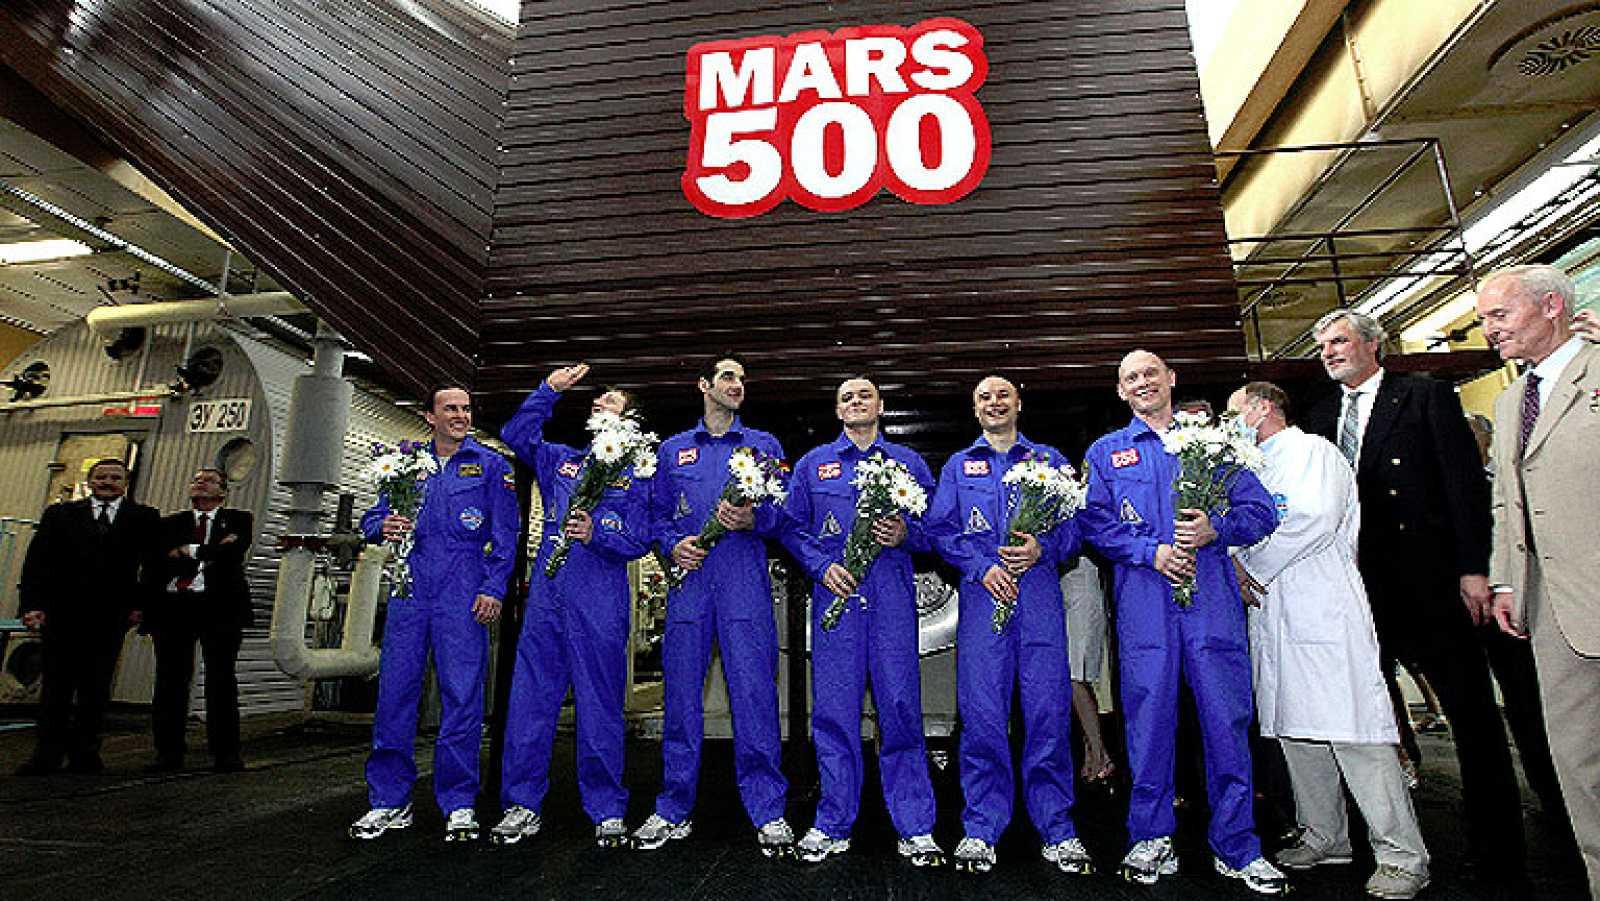 """500 días metidos en una cápsula para simular el viaje a Marte. Ese ha sido el particular reto de un grupo de """"astronautas"""" que, sin salir de la Tierra, han hecho frente a las penalidades de un viaje al 'planeta rojo'."""